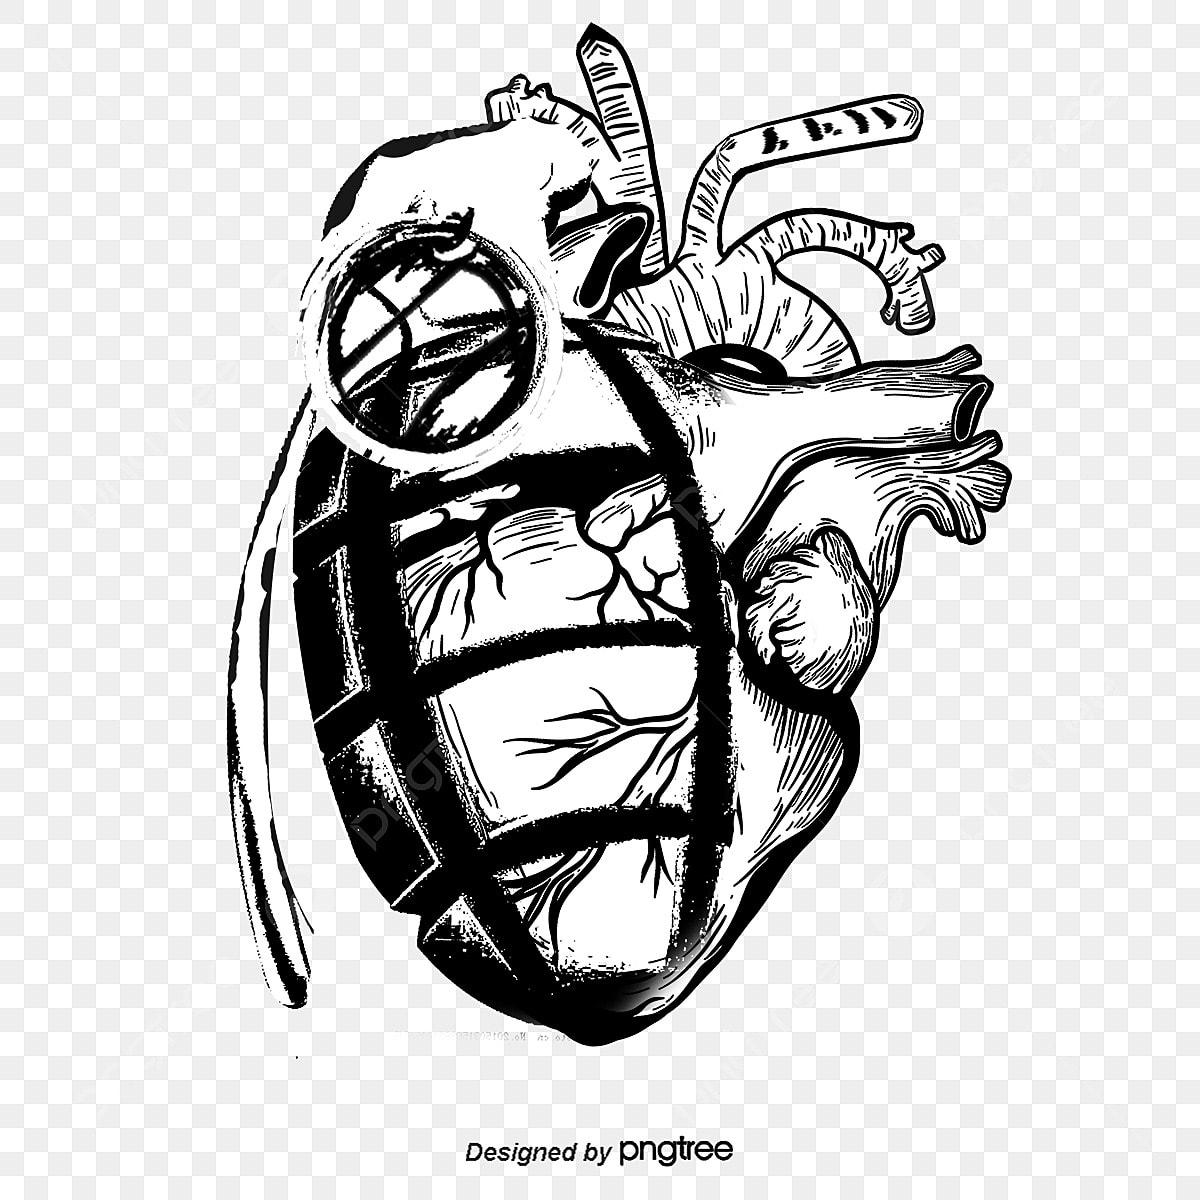 Creative Heart Granada Desenho Pintado A Mao Creative Design O